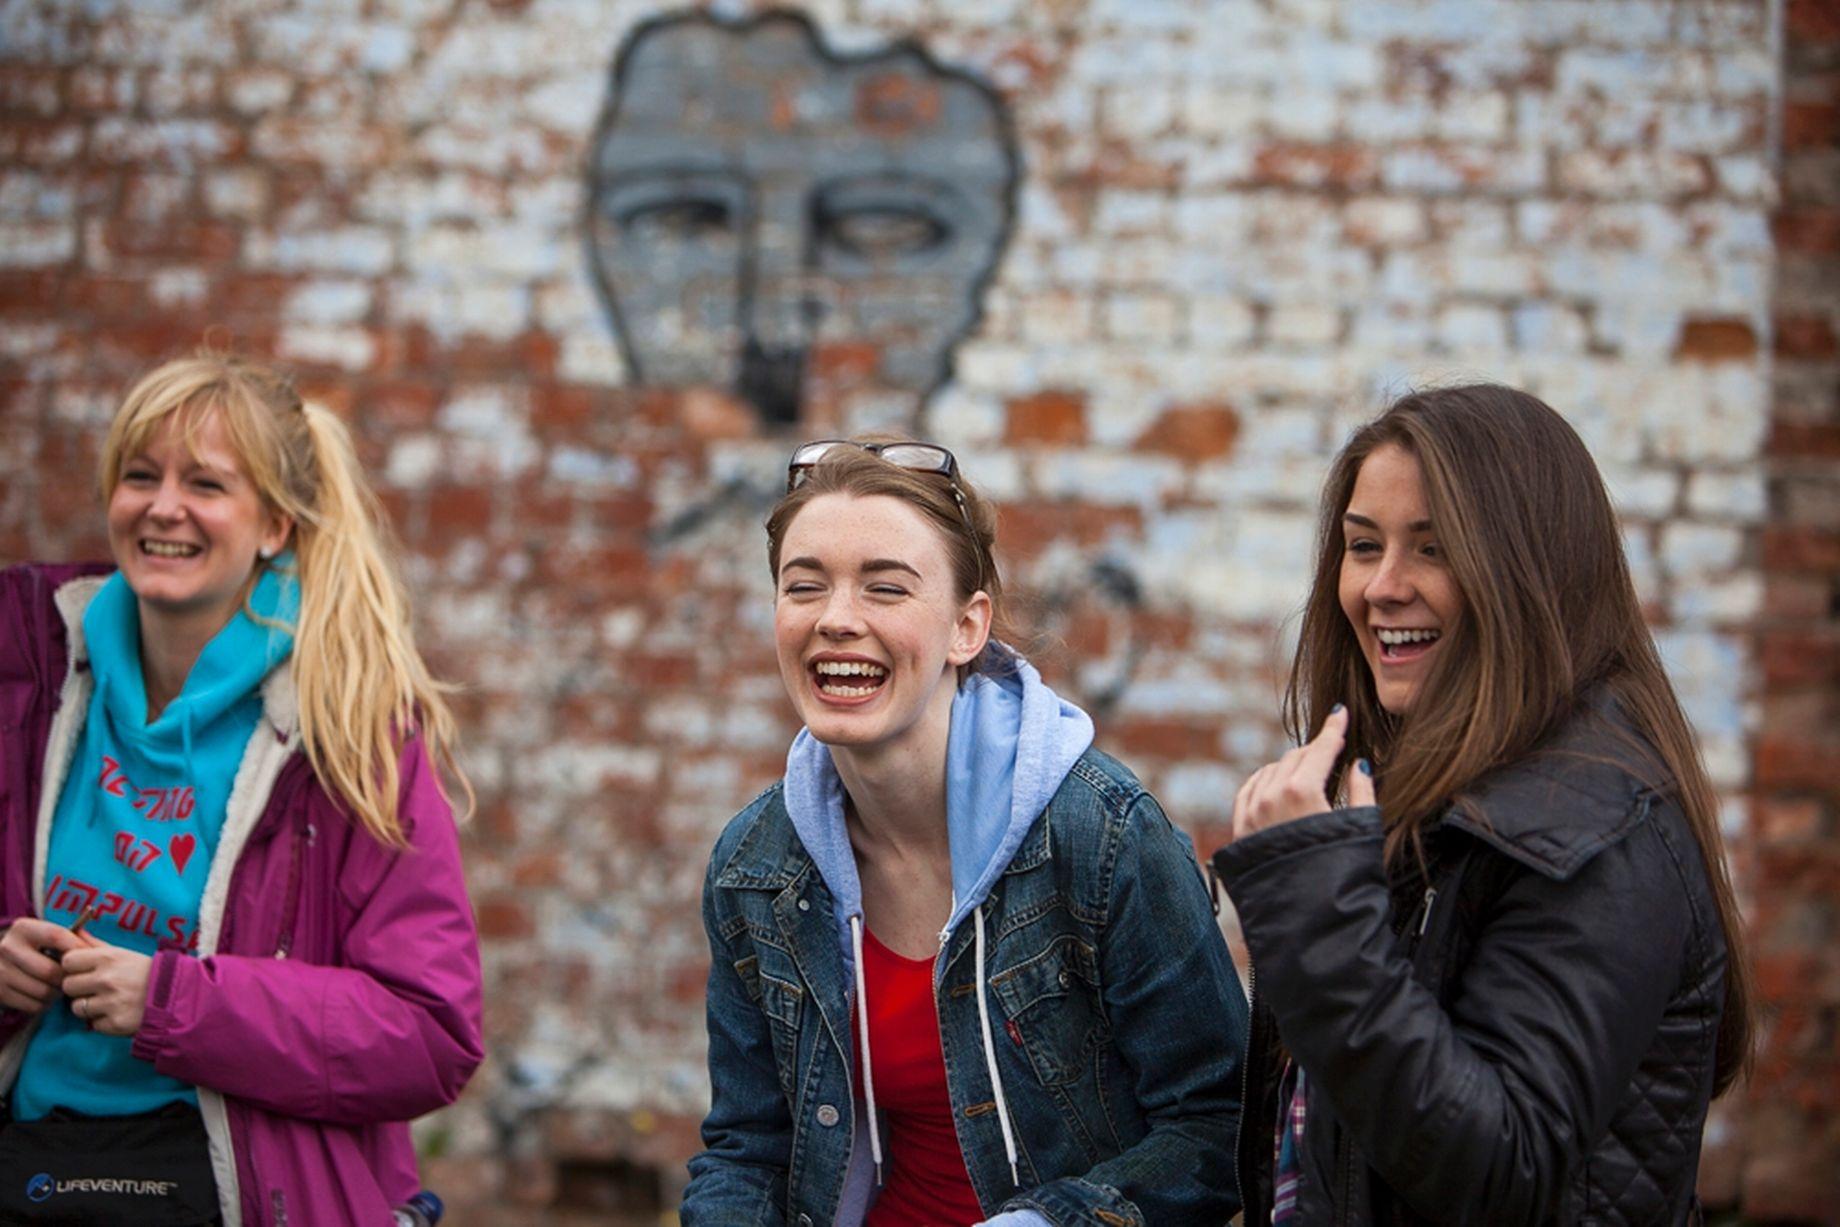 Acting On Impulse - Streetlife